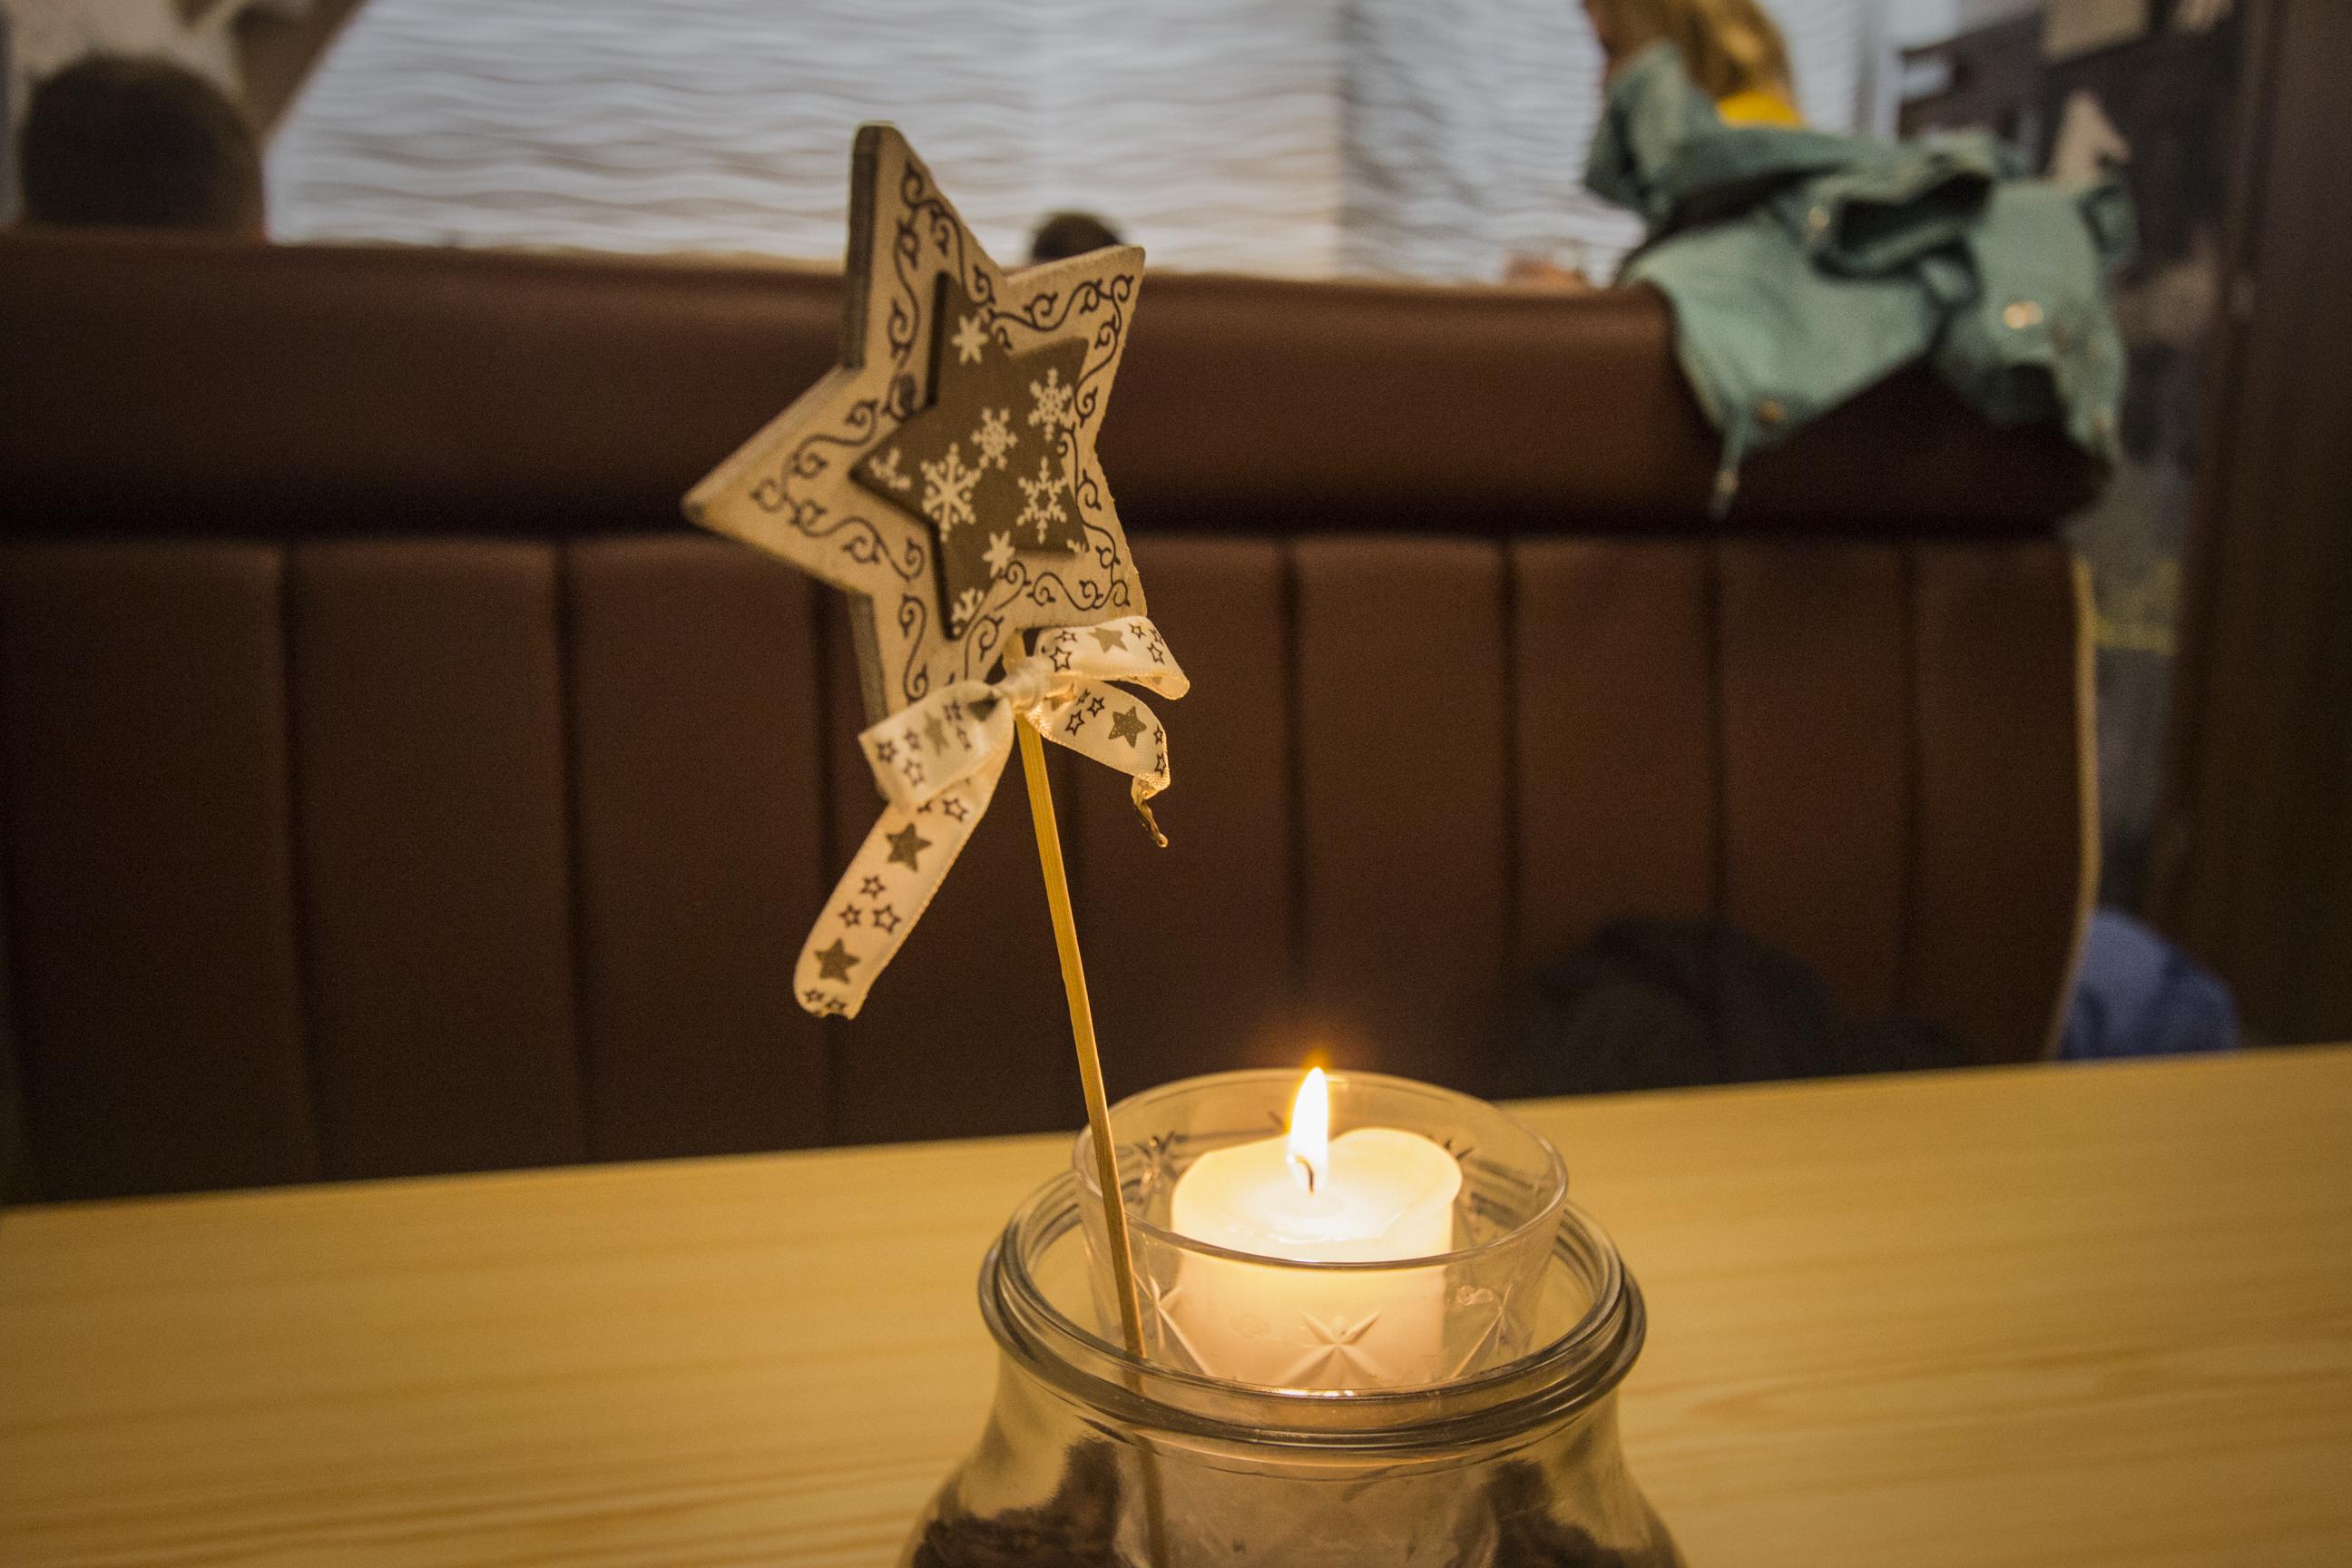 Świeczka z ozdobą świąteczną